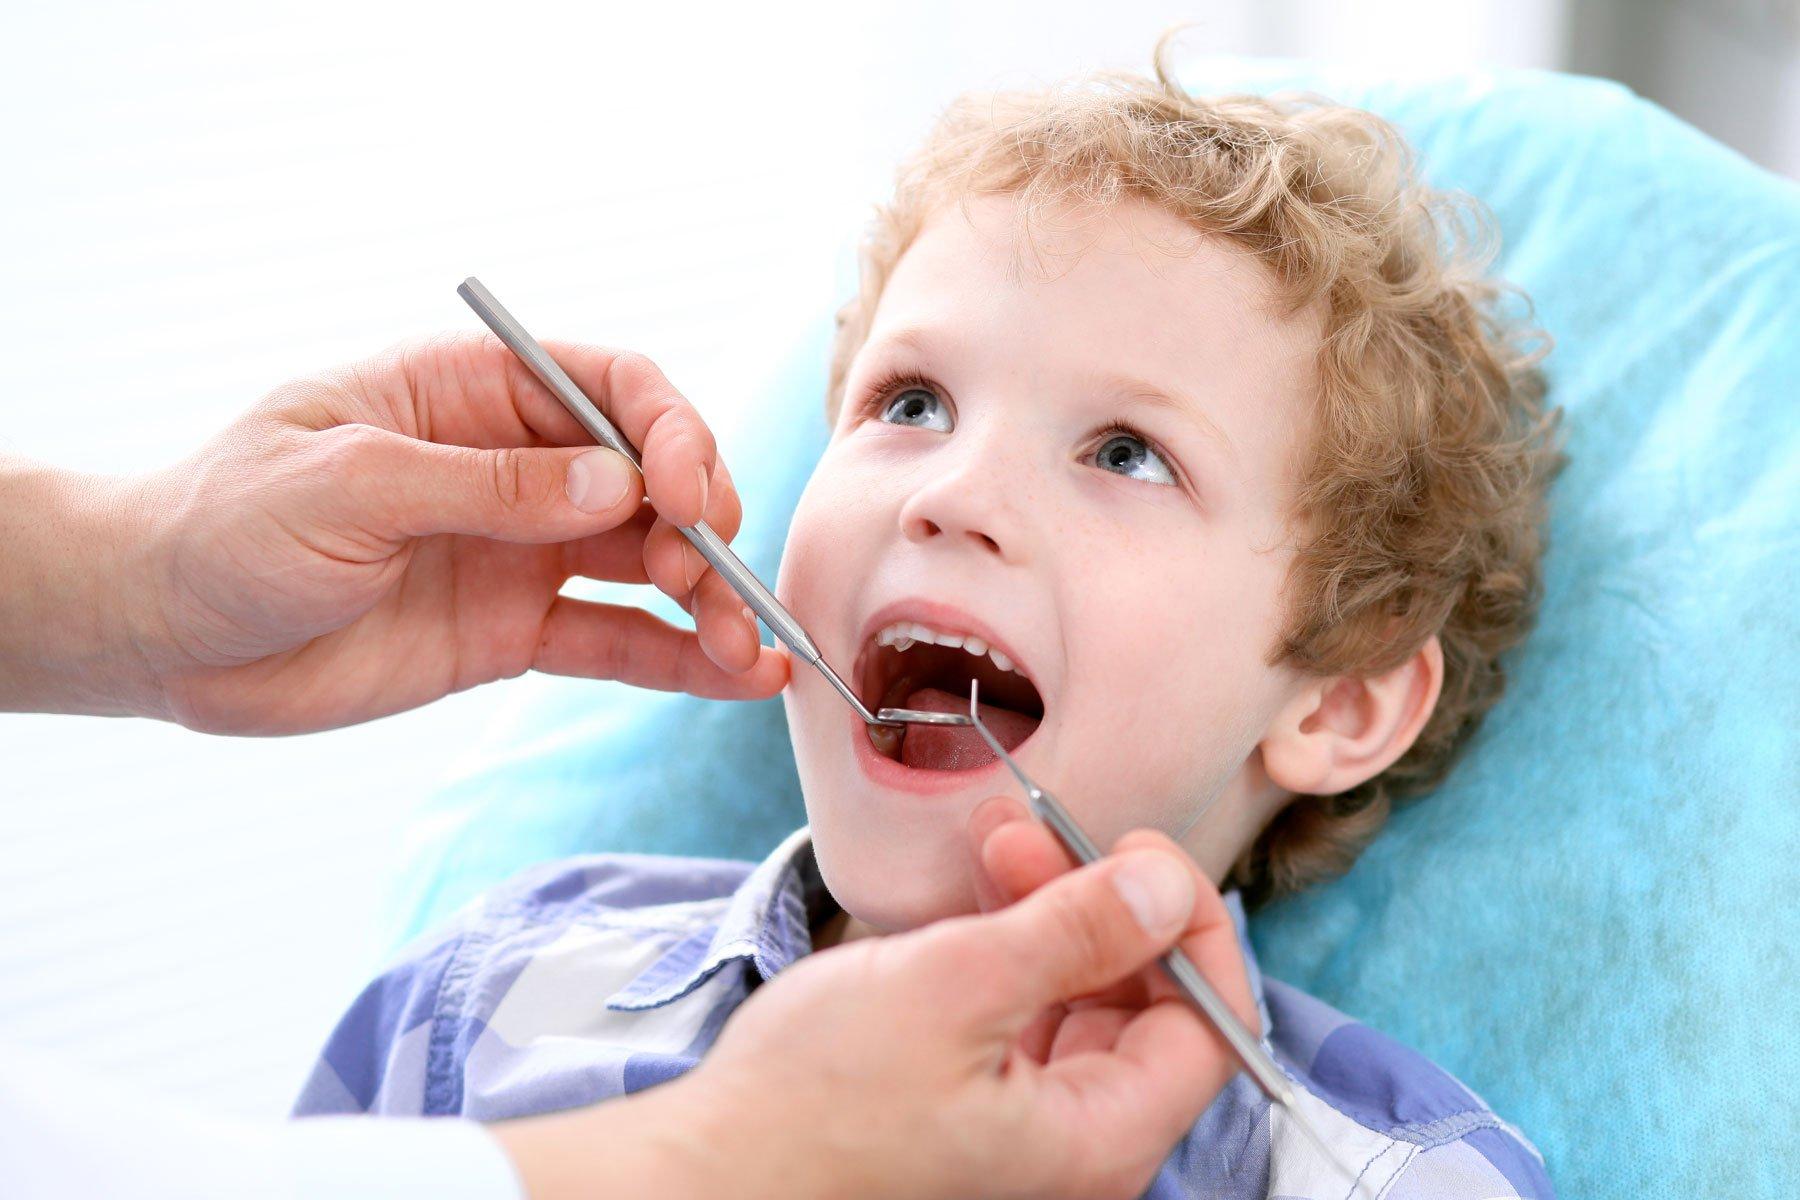 Prevenzione dentale per bambini presso Odontotraona a Traona (SO)